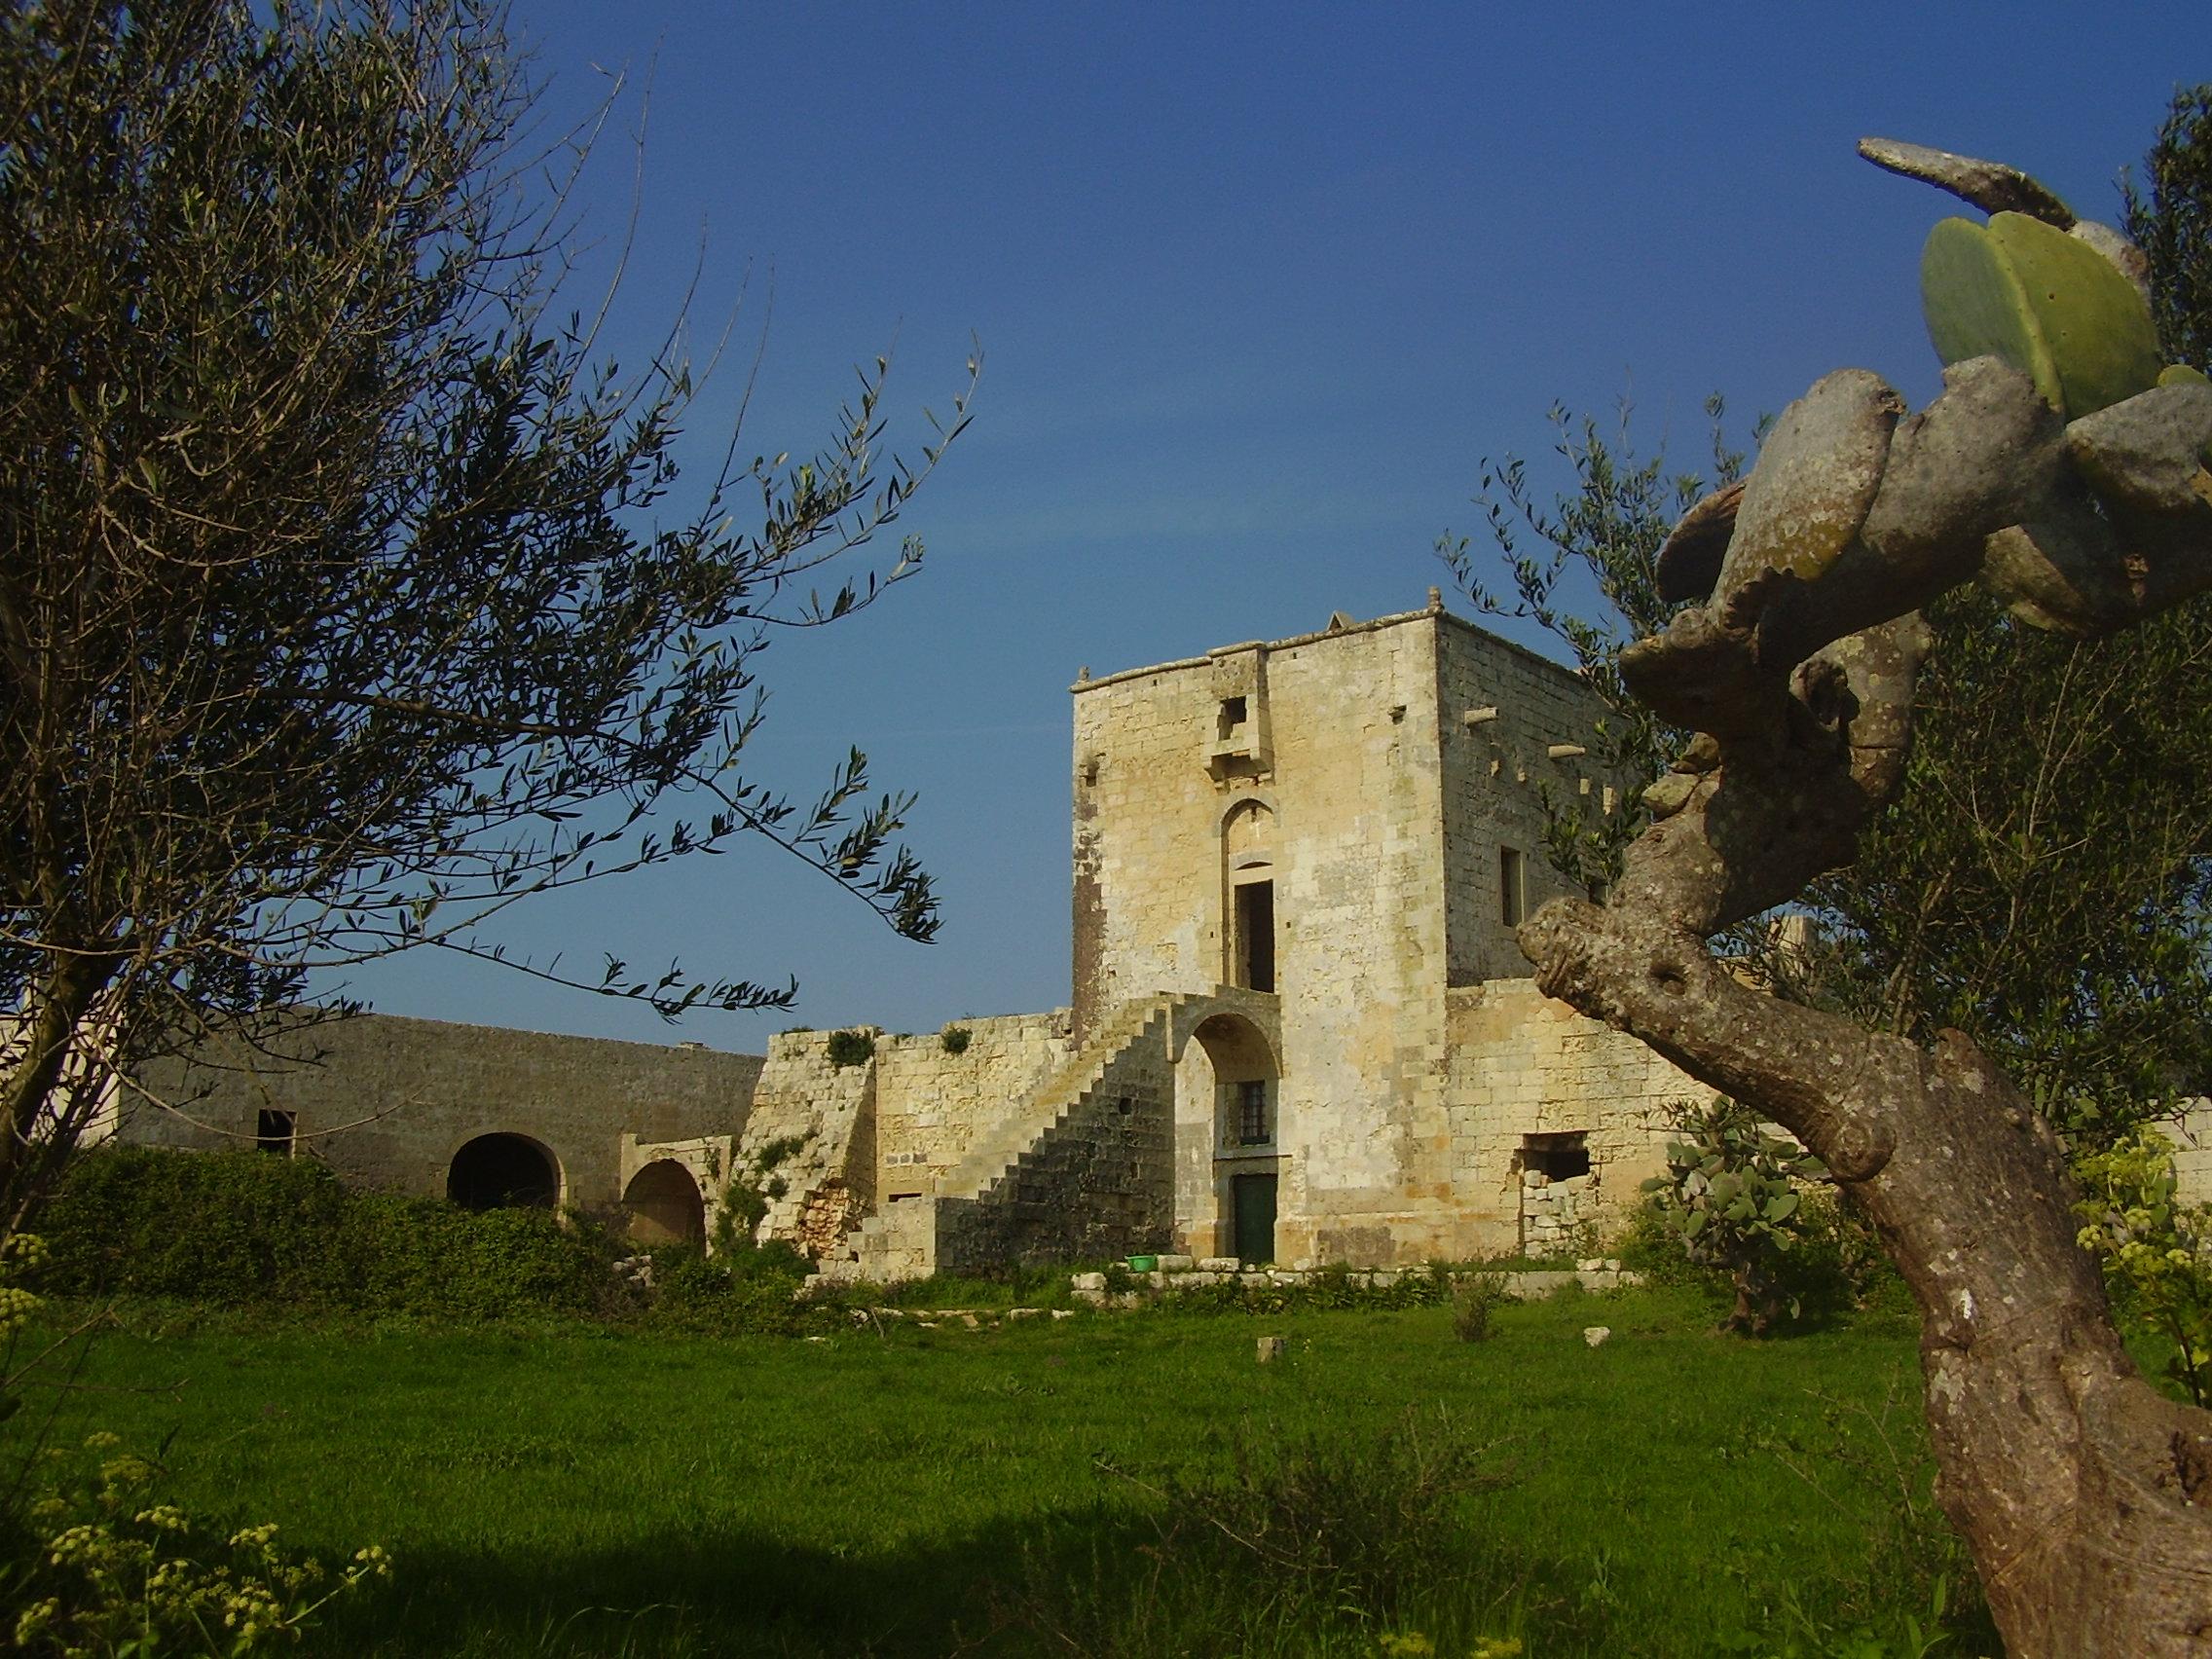 Masseria Cippano, ad Otranto